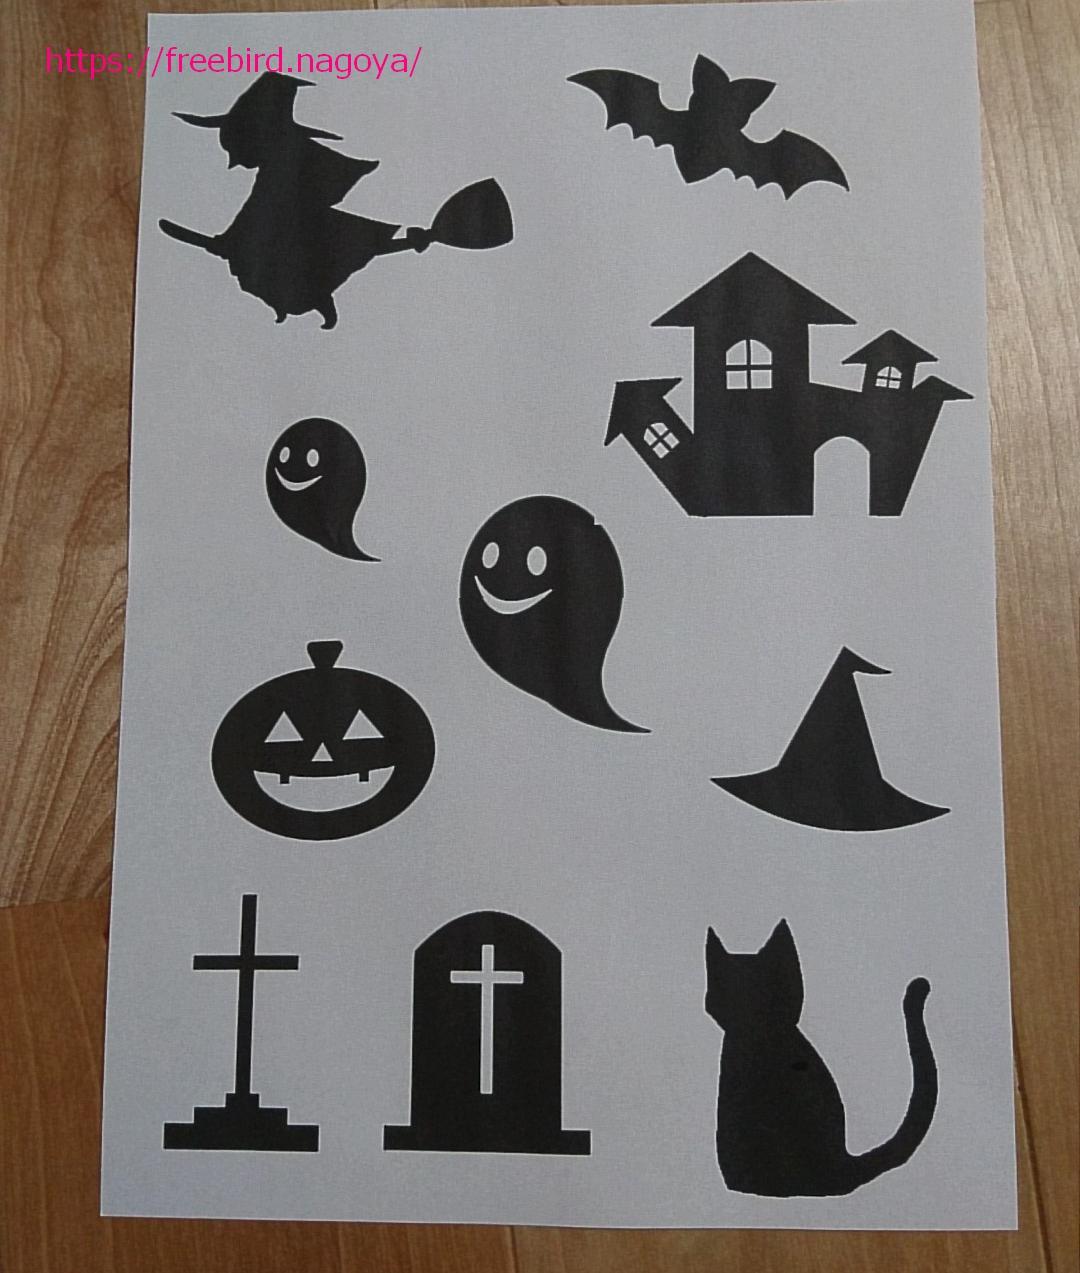 ハロウィンの型紙7選はこちら♪【当サイトオリジナル】好きなものをダウンロード可能です!